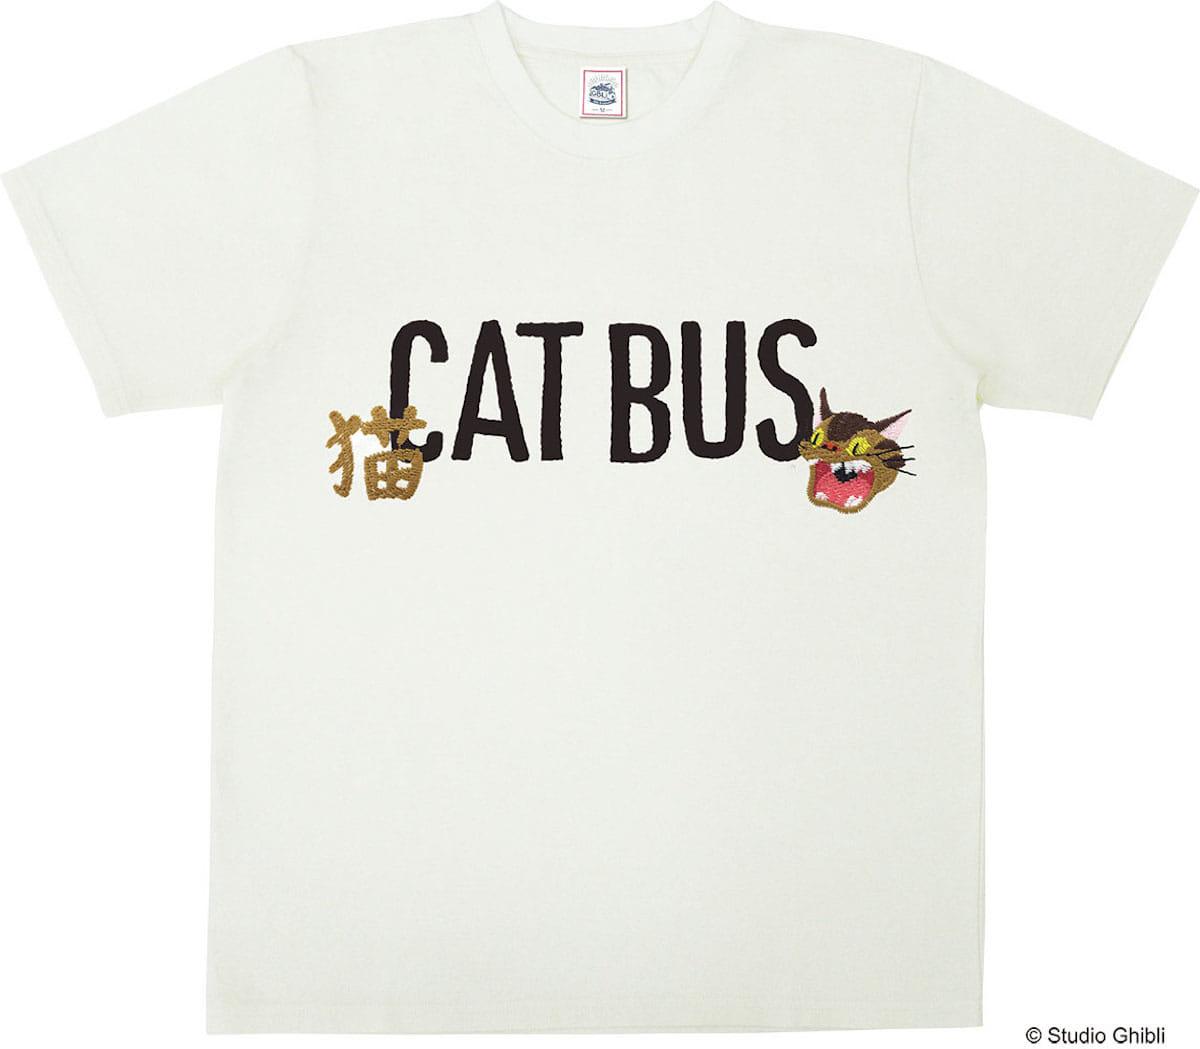 スタジオジブリ作品公式「バルスTシャツ」登場!『となりのトトロ』『魔女の宅急便』『紅の豚』など人気作品がTシャツに! fashion180605_ghibli_8-1200x1049